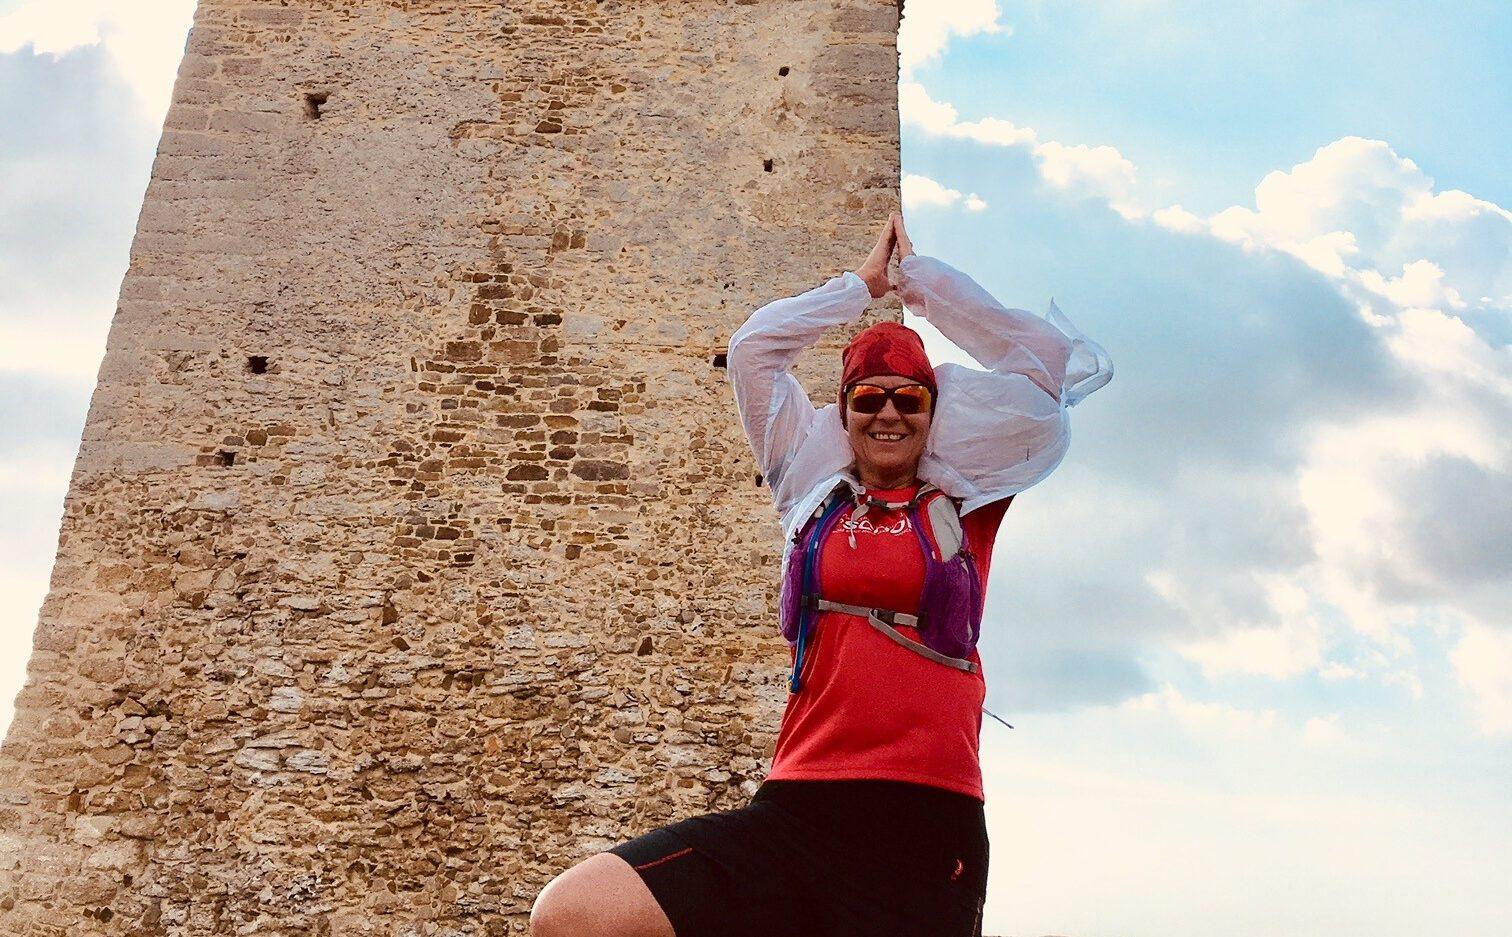 Yoga für Läufer & Radsportler - Spezielles Yogaset für Sportler